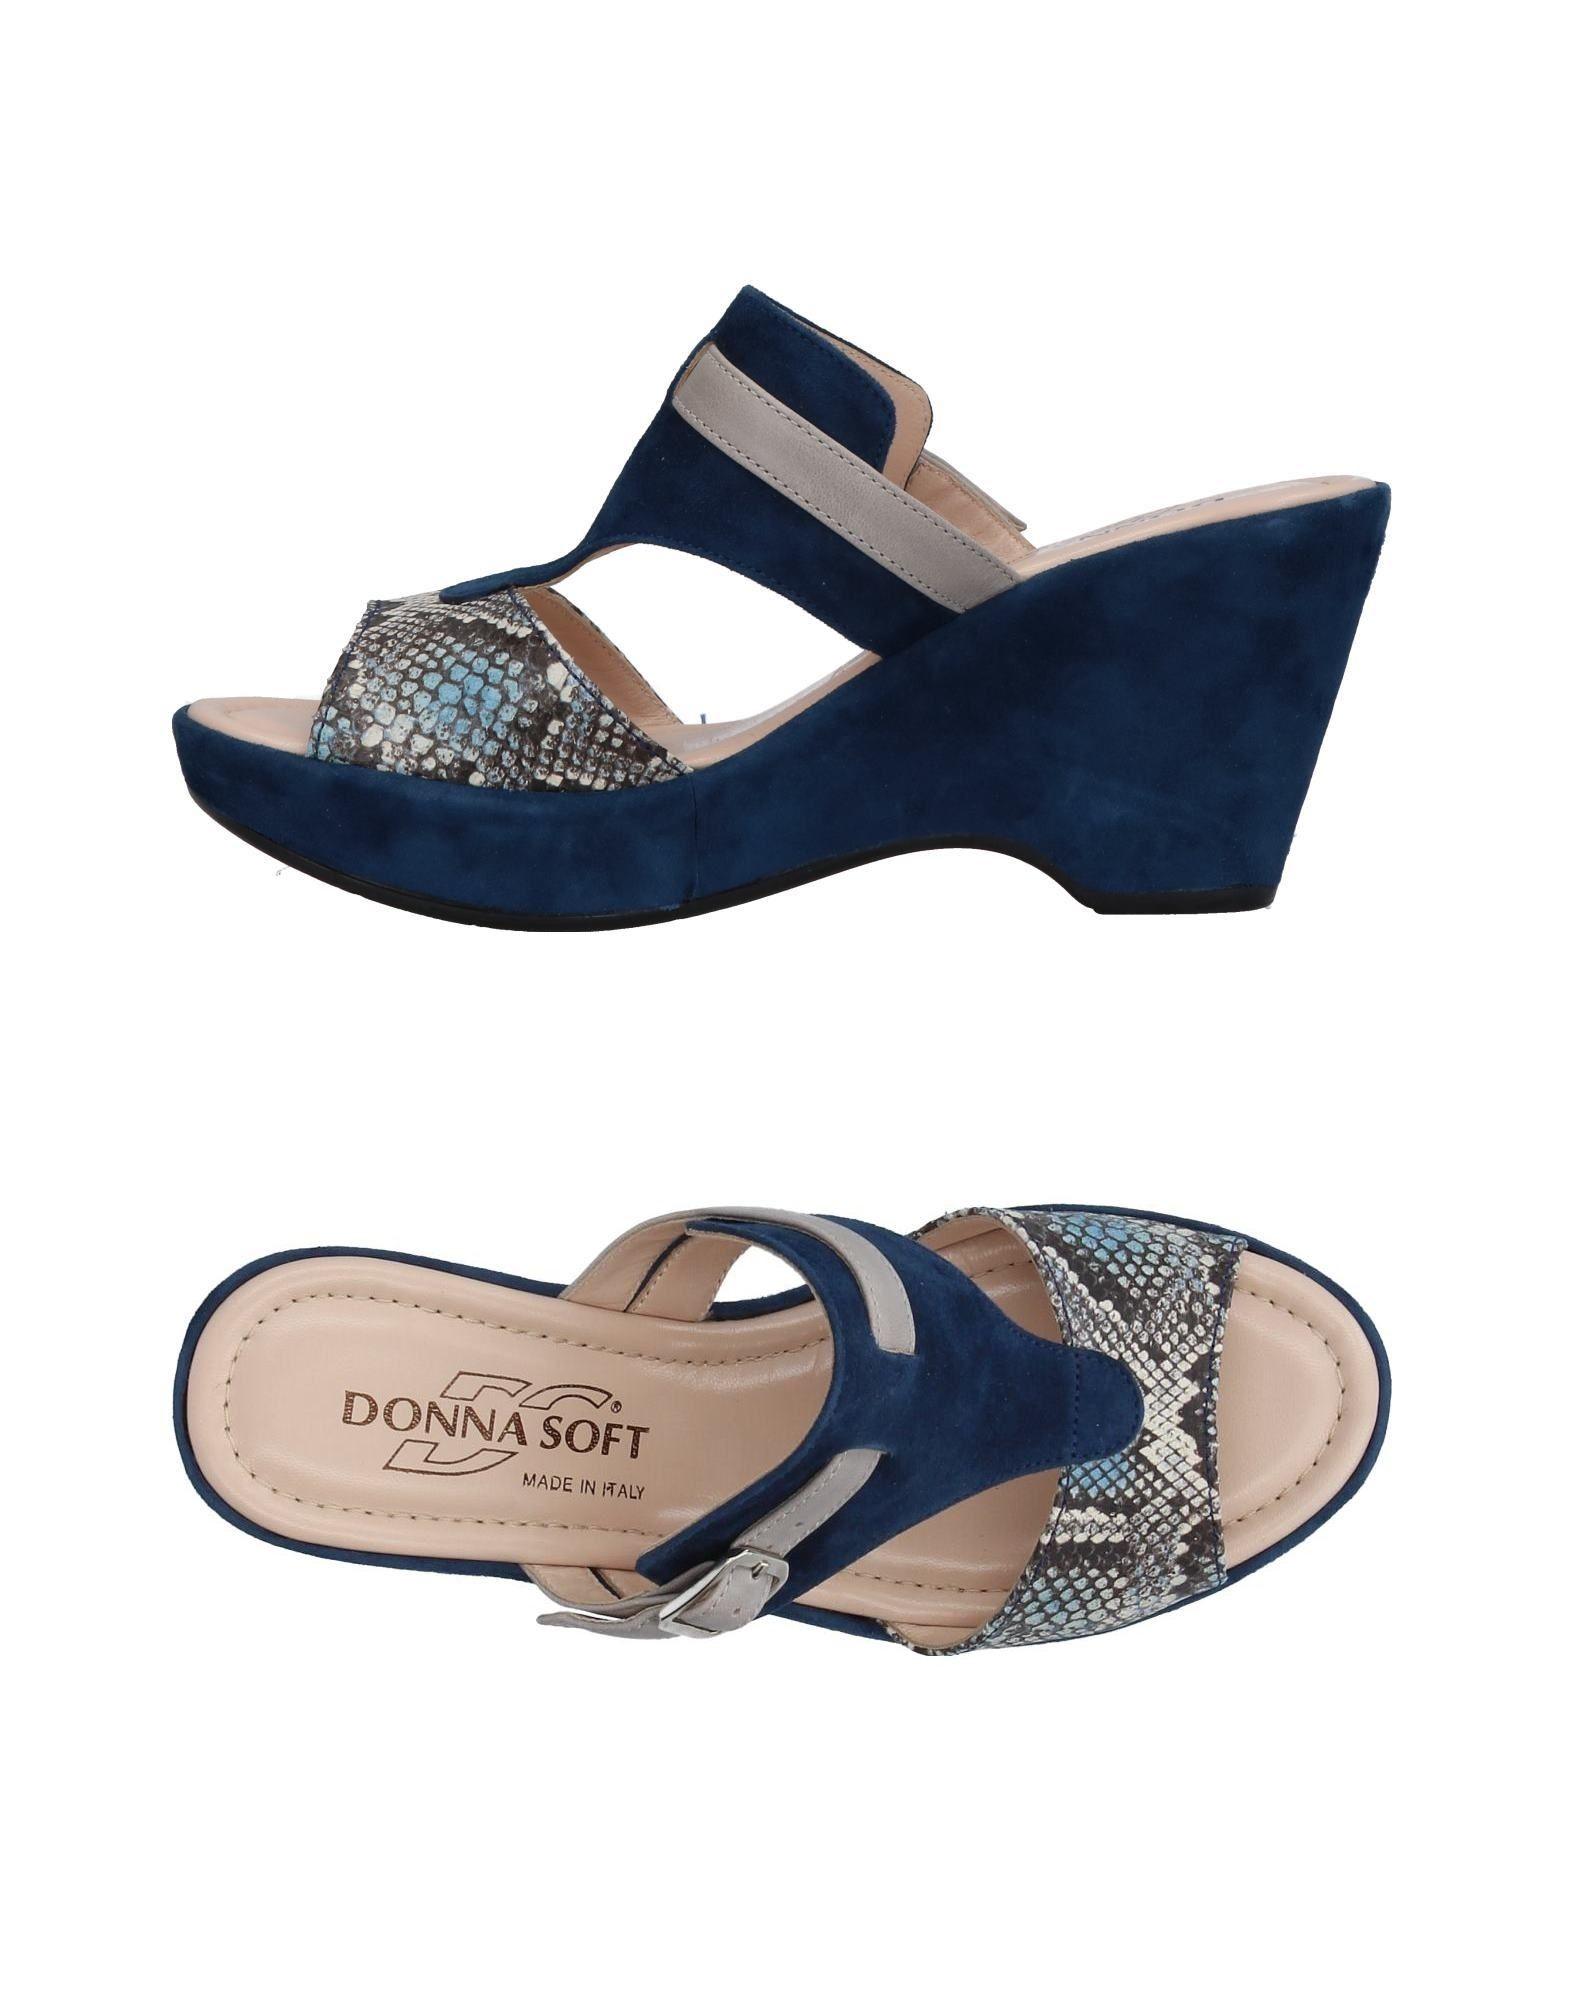 Sandali Donna Soft Donna - 11392171UU